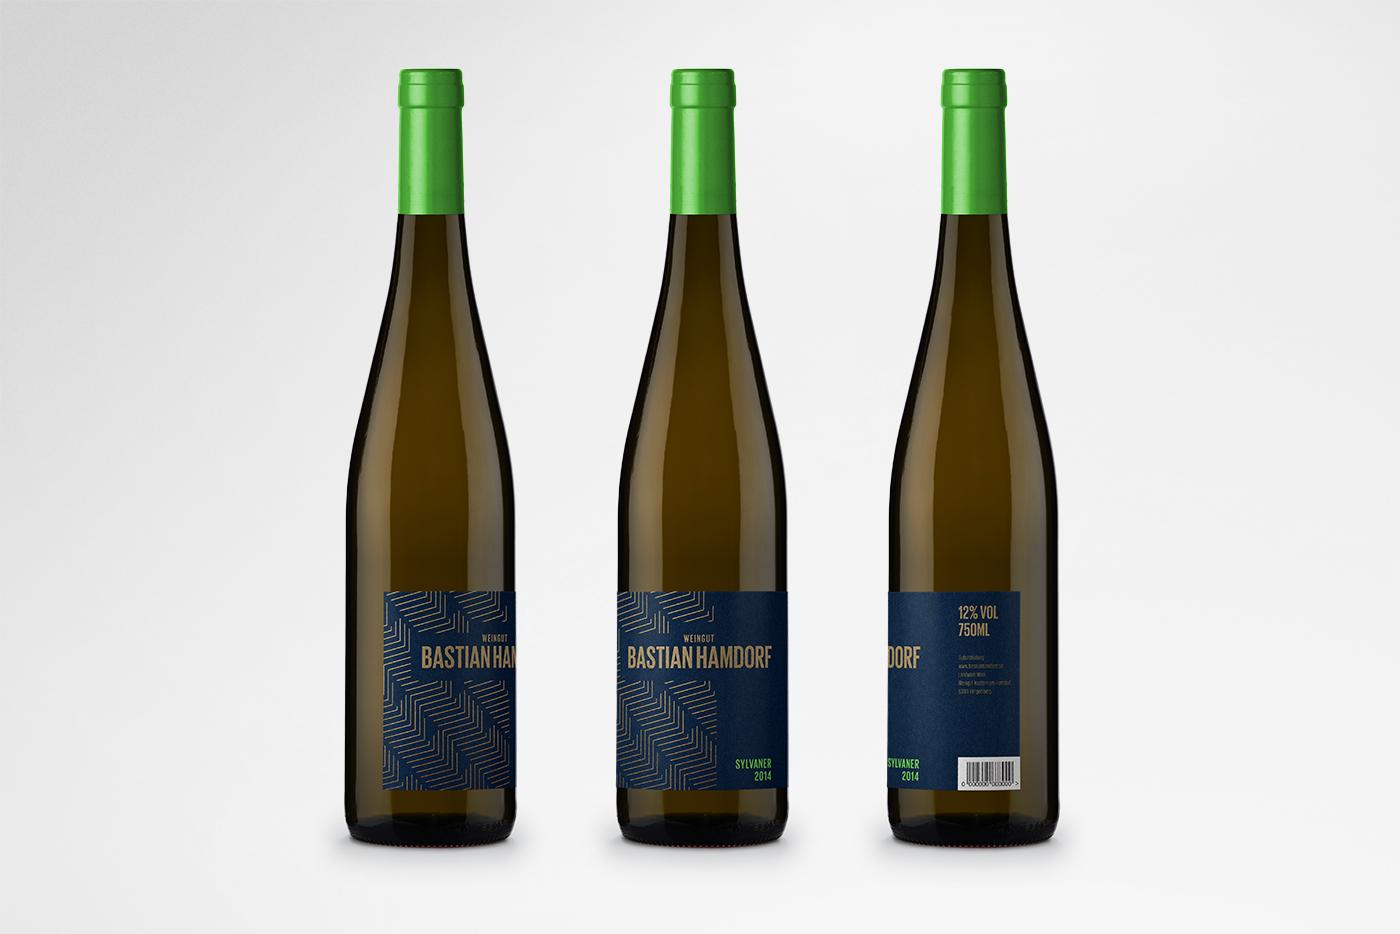 Weingut Bastian Hamdorf